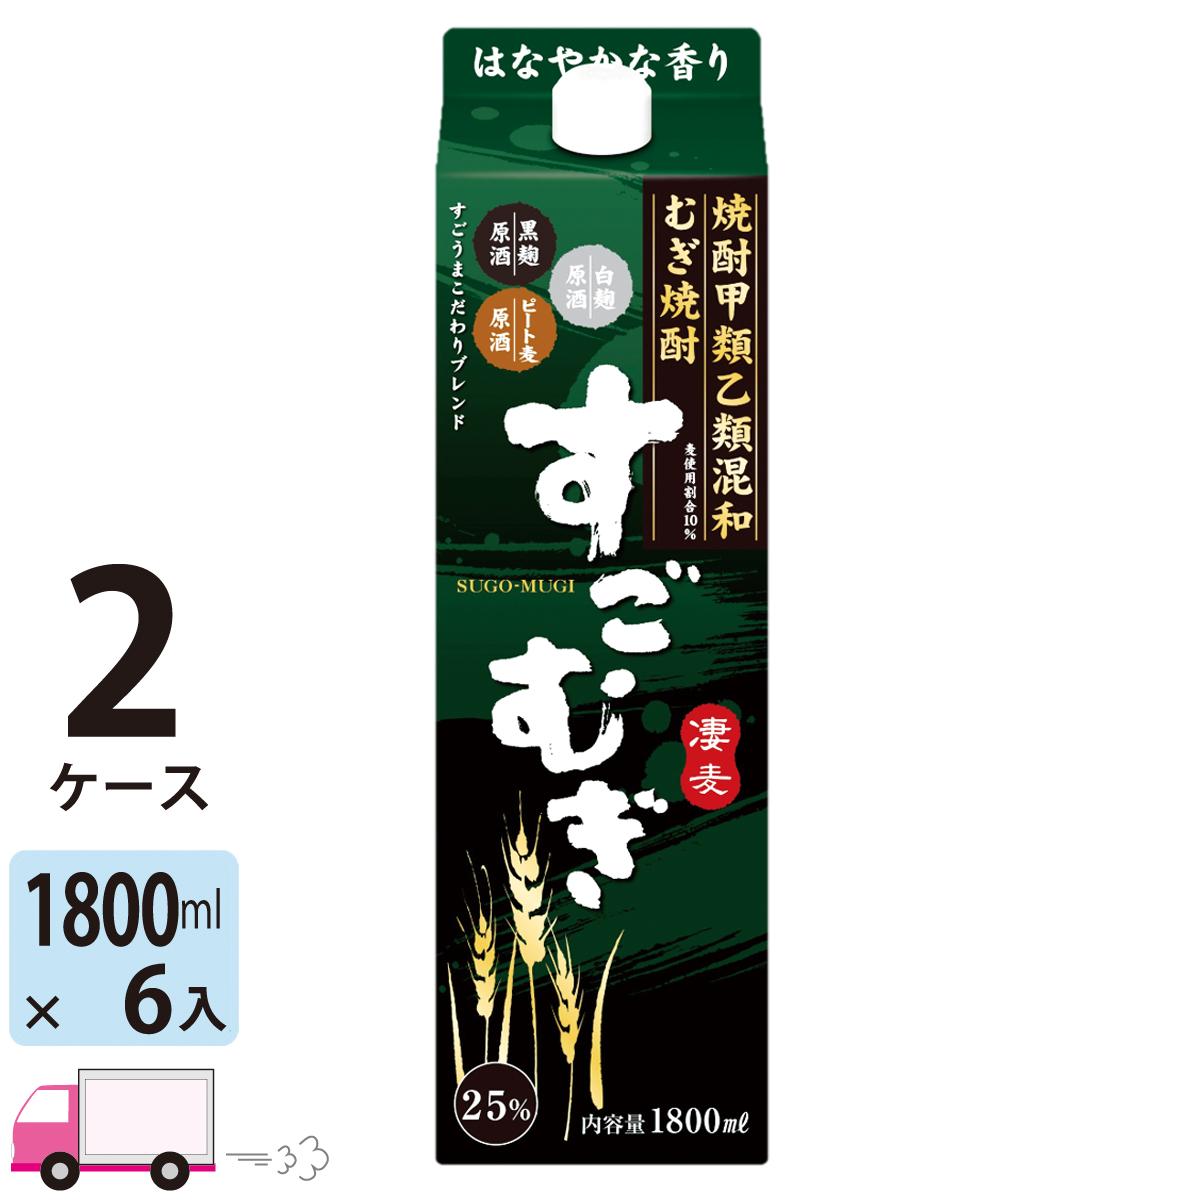 送料無料 すごむぎ 25度 甲乙混和焼酎 1.8L (1800ml) パック 6本入 2ケース(12本)